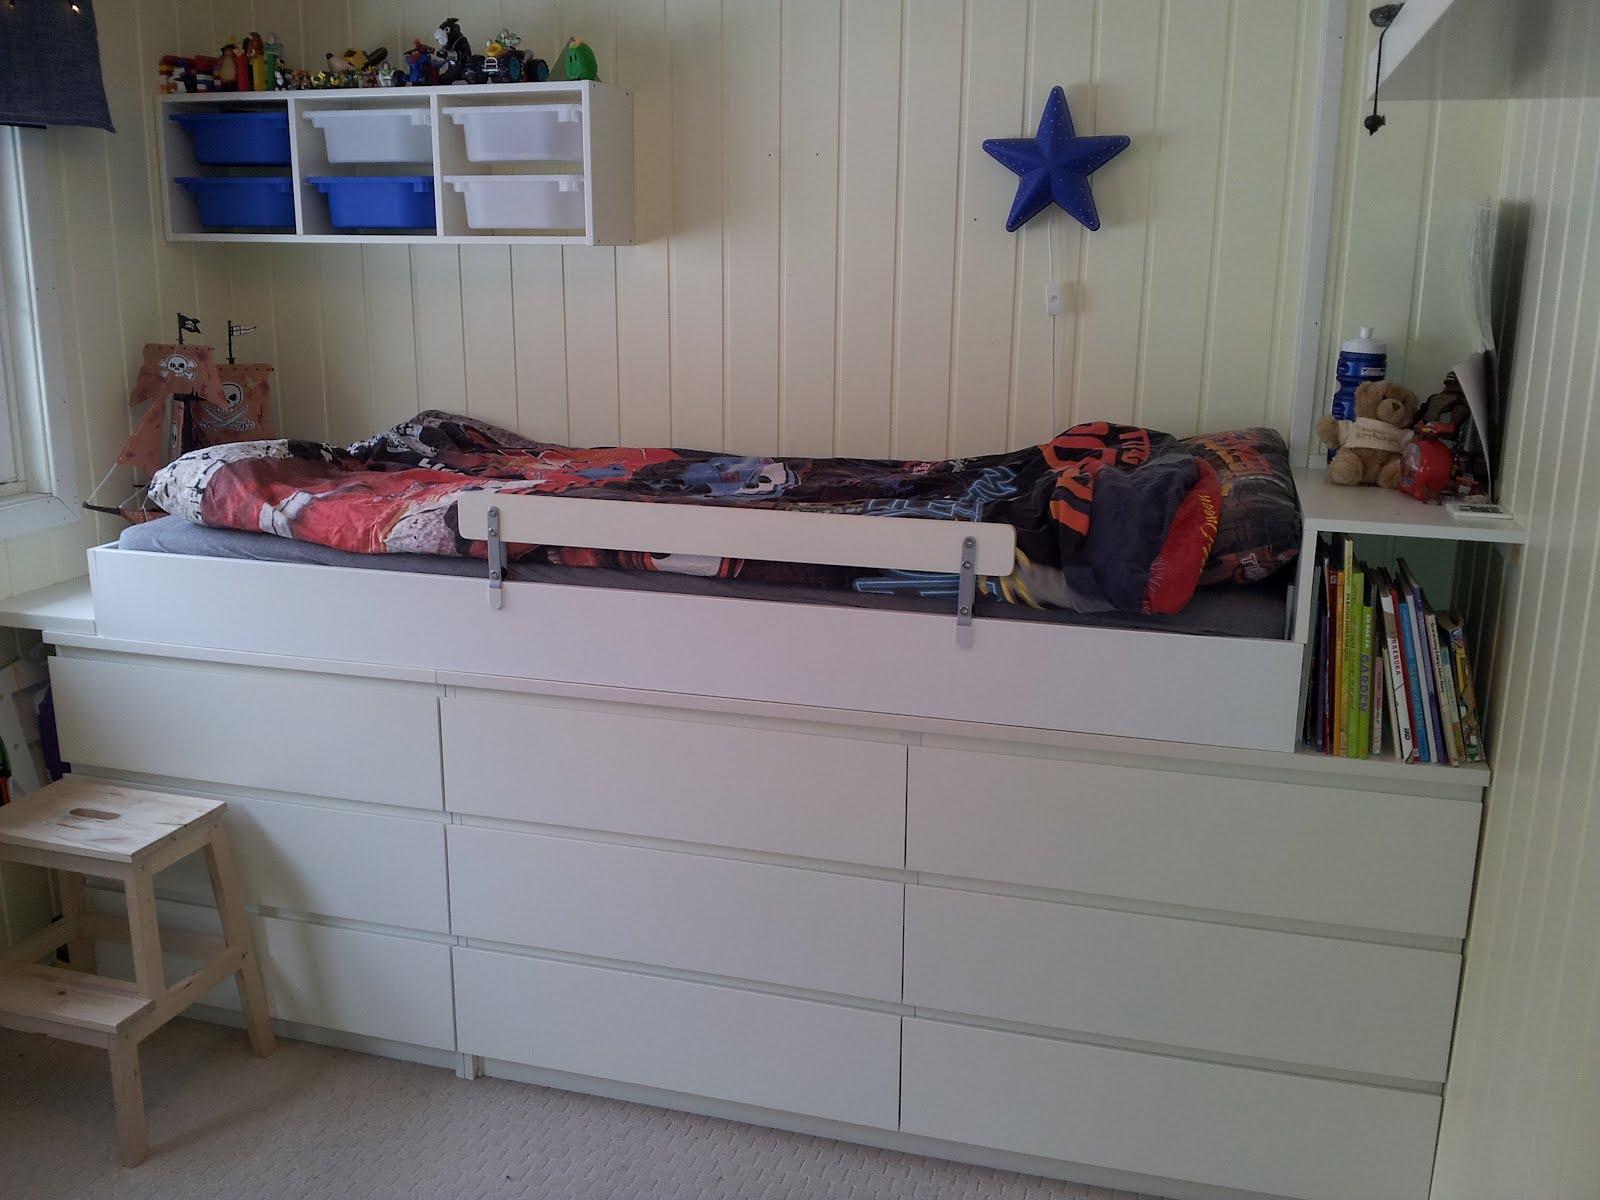 seng madrass med oppbevaring